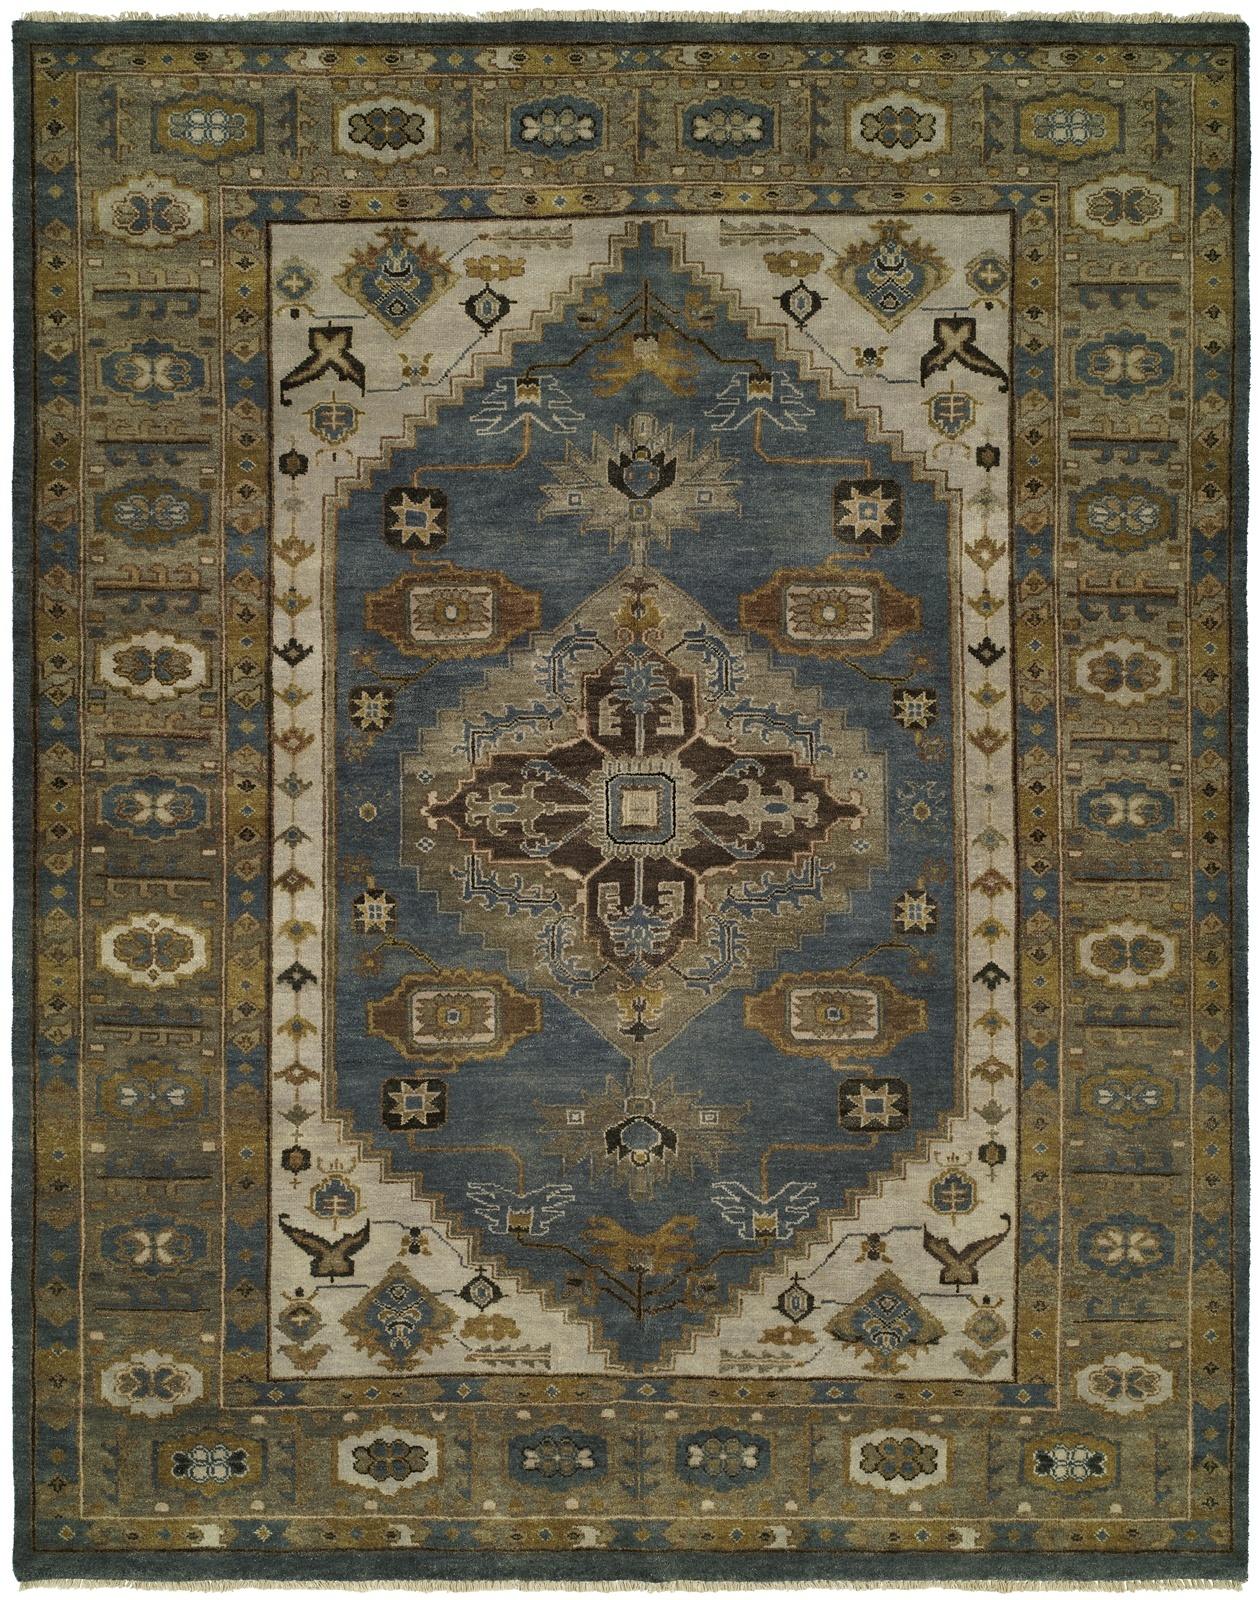 advance oriental rug service jacksonville florida fl. Black Bedroom Furniture Sets. Home Design Ideas